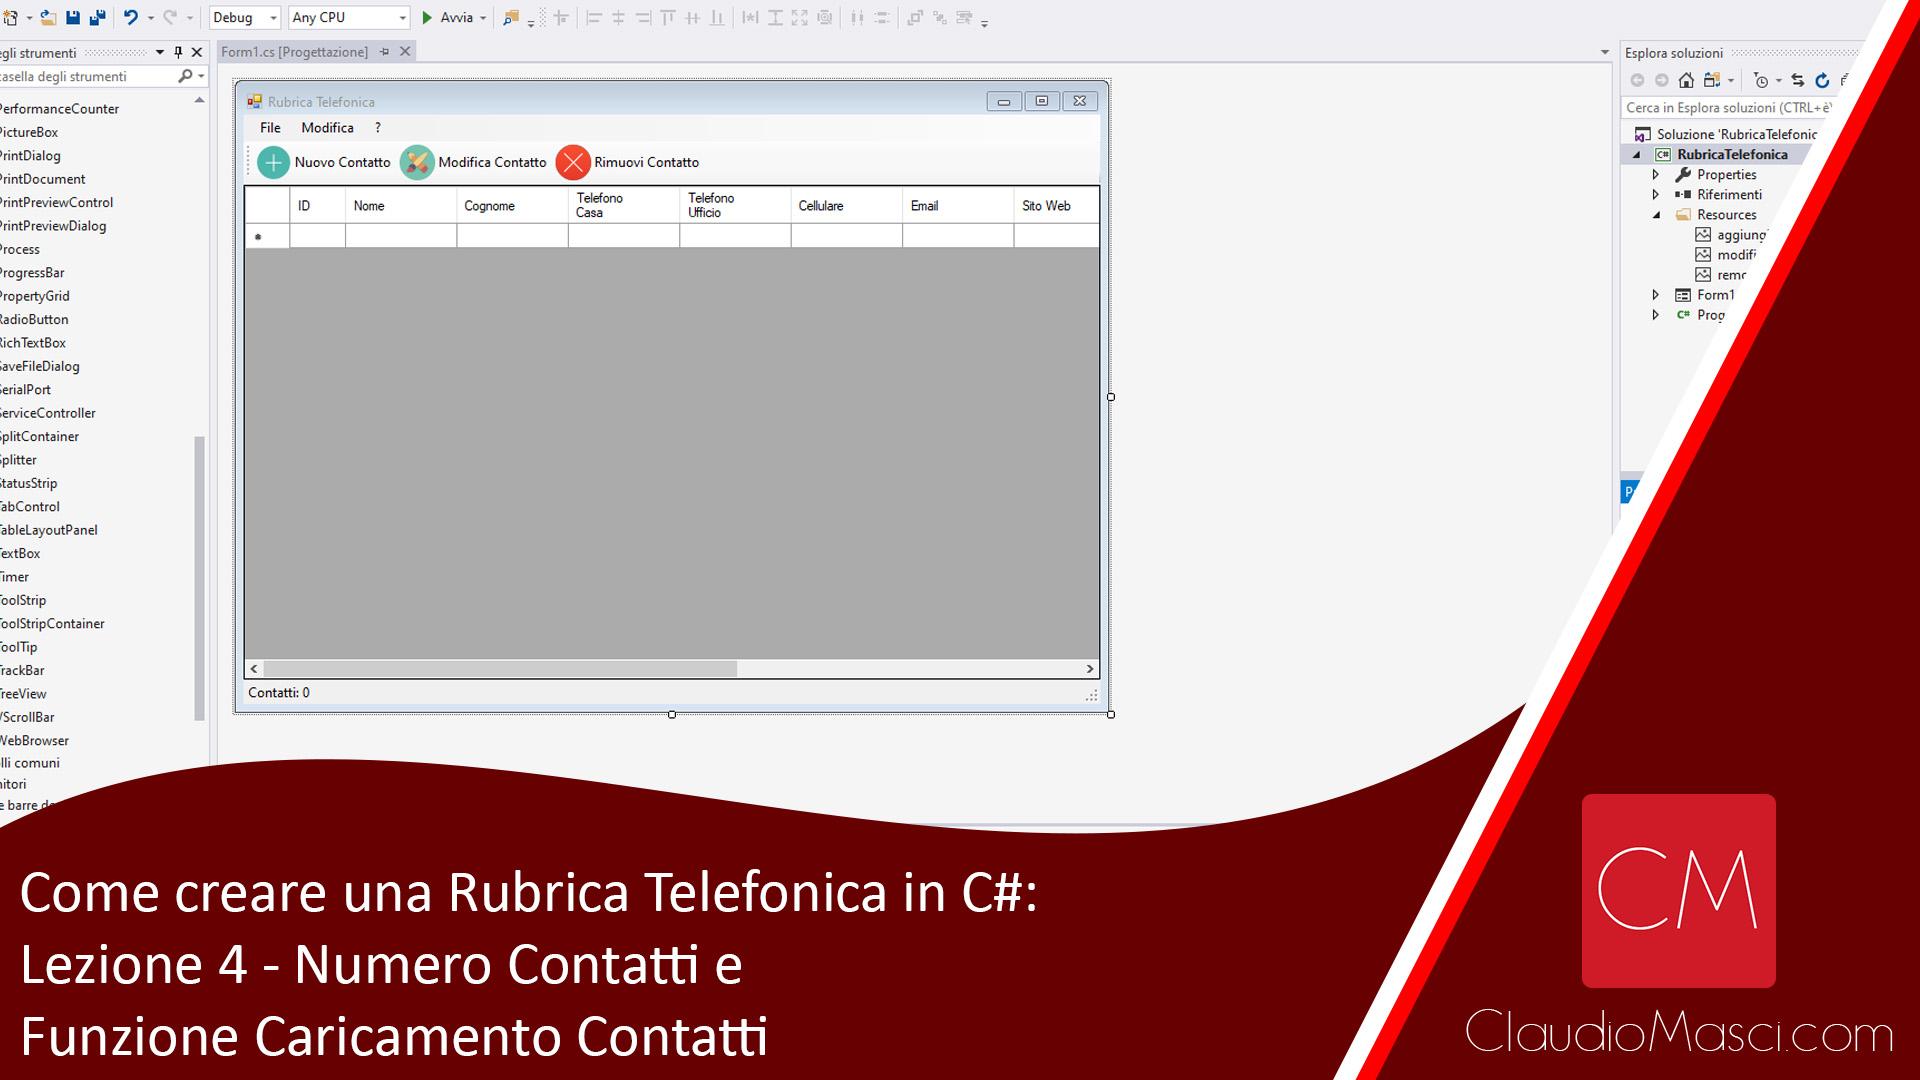 Come creare una Rubrica Telefonica in C# – Lezione 4 – Numero Contatti e Funzione Caricamento Contatti